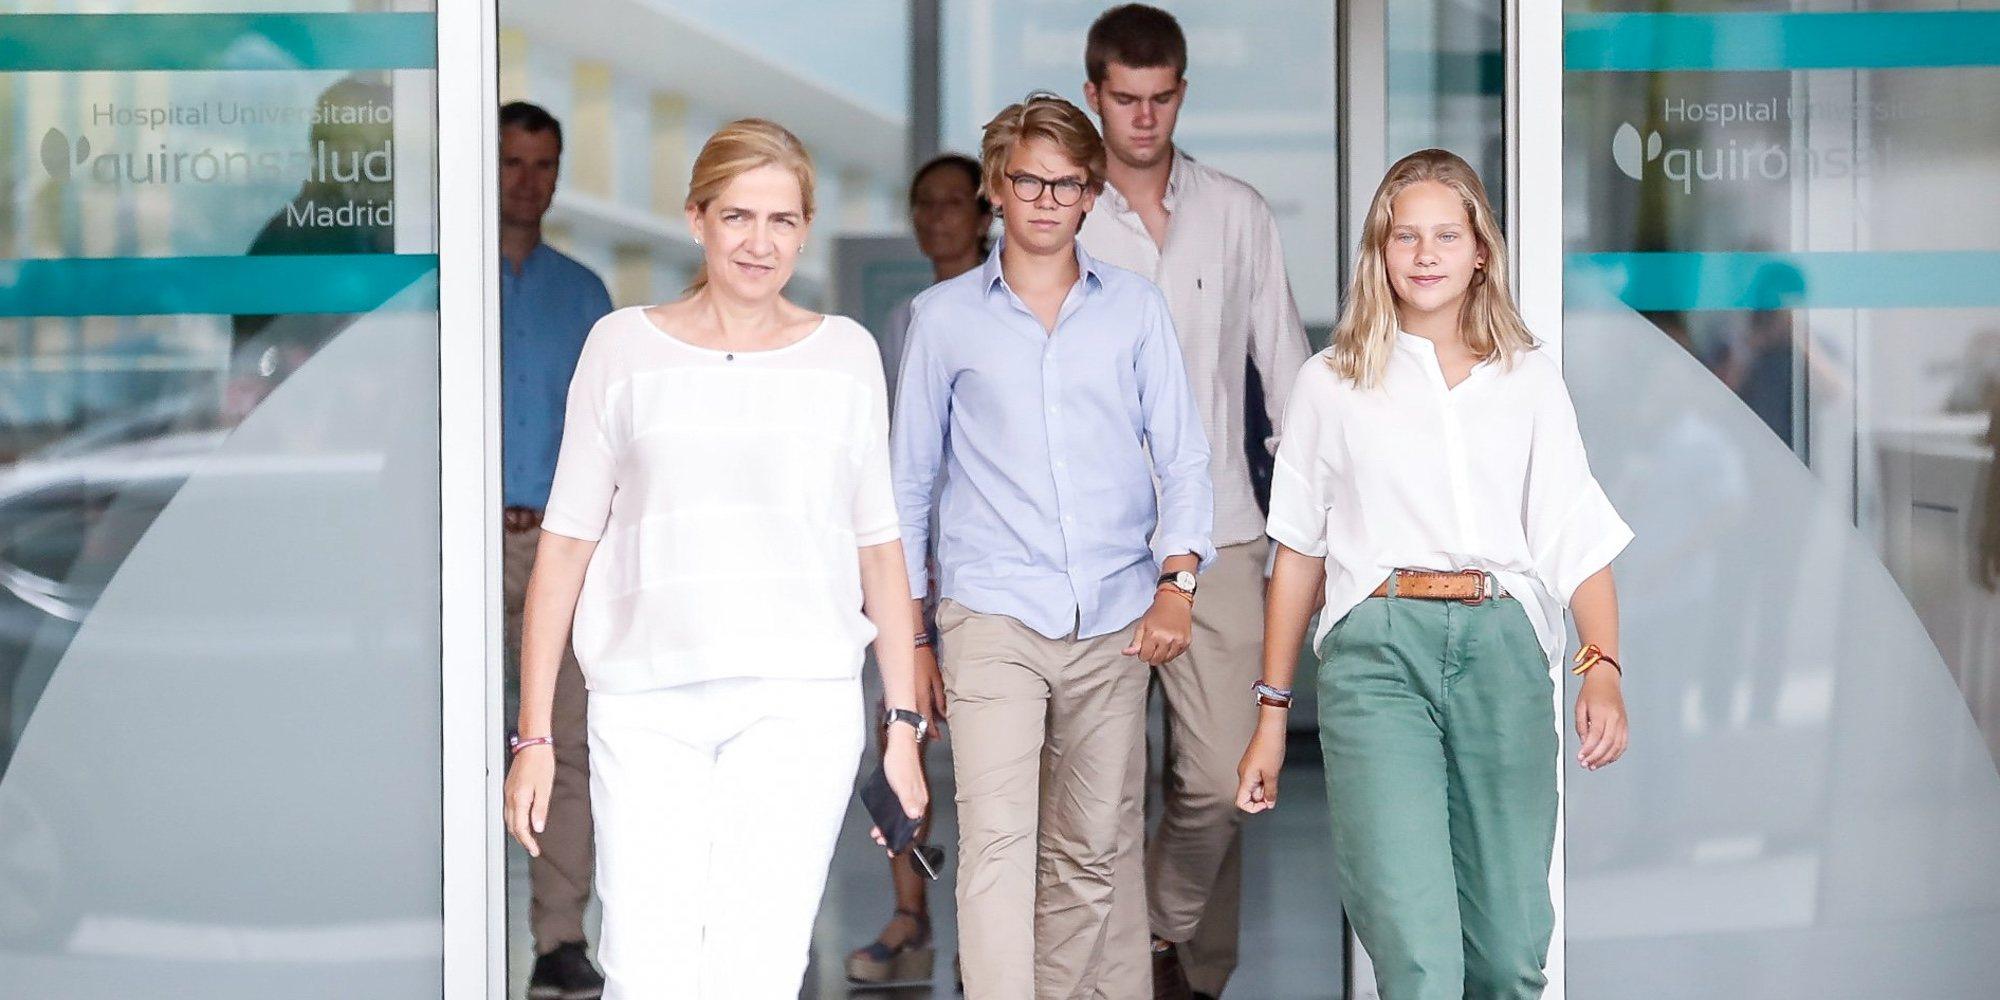 Así fue la semana de vacaciones de la Infanta Cristina con sus hijos Juan, Miguel e Irene Urdangarin en Madrid